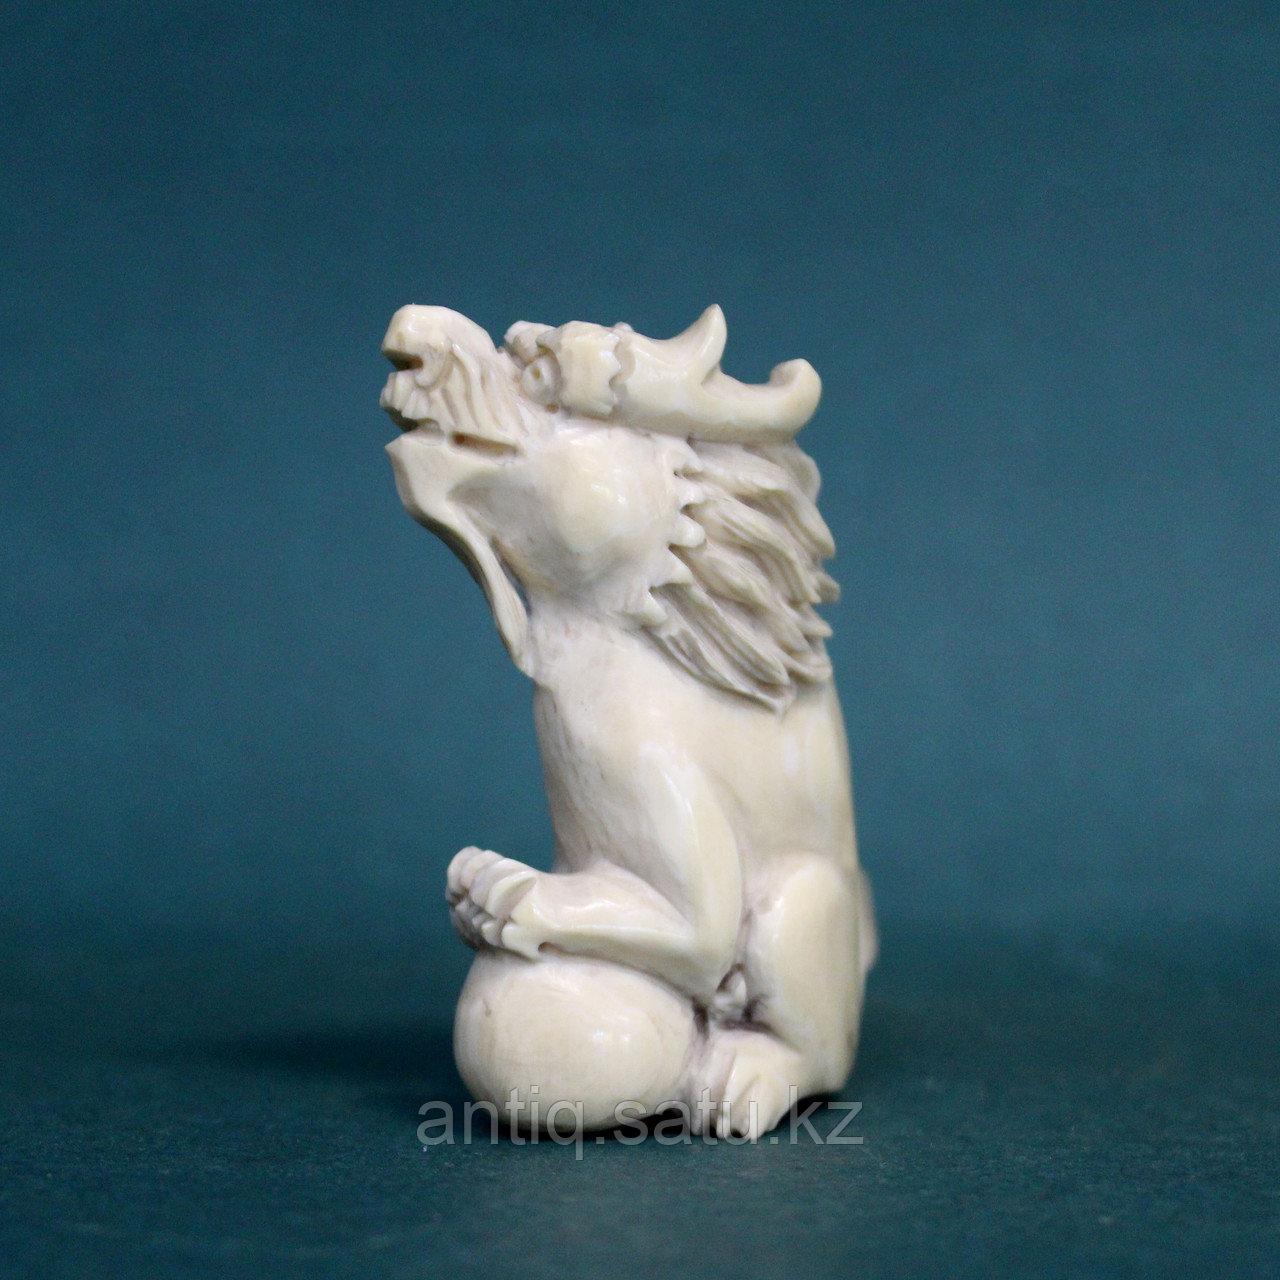 Слоновая кость. Карасиси Фо - небесный лев Будды. 52гр. - фото 4